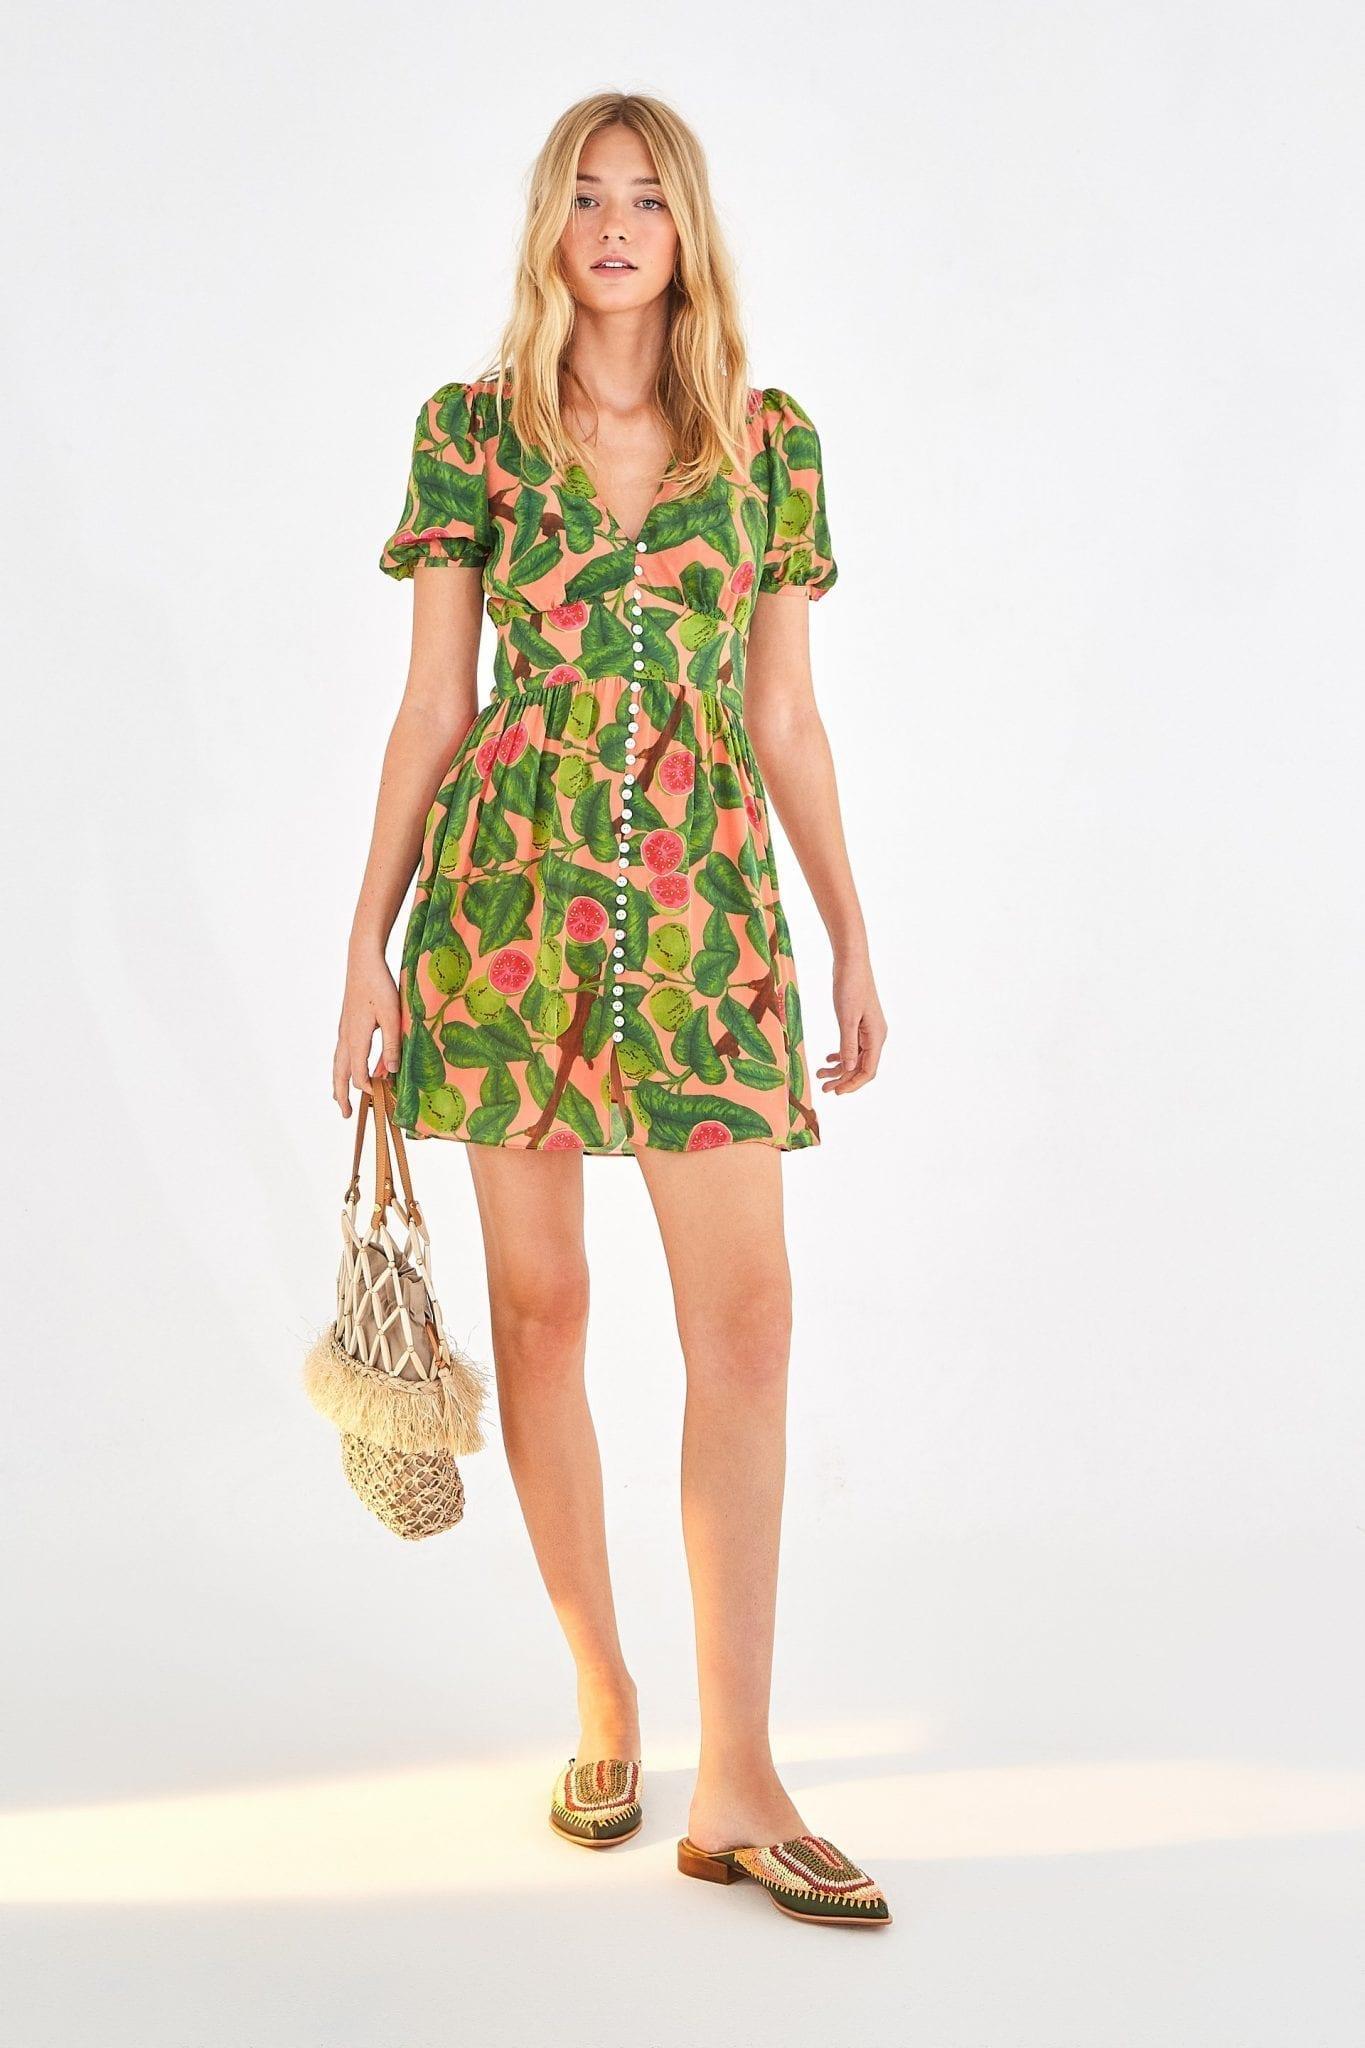 FARMRIO Guava Mini Dress